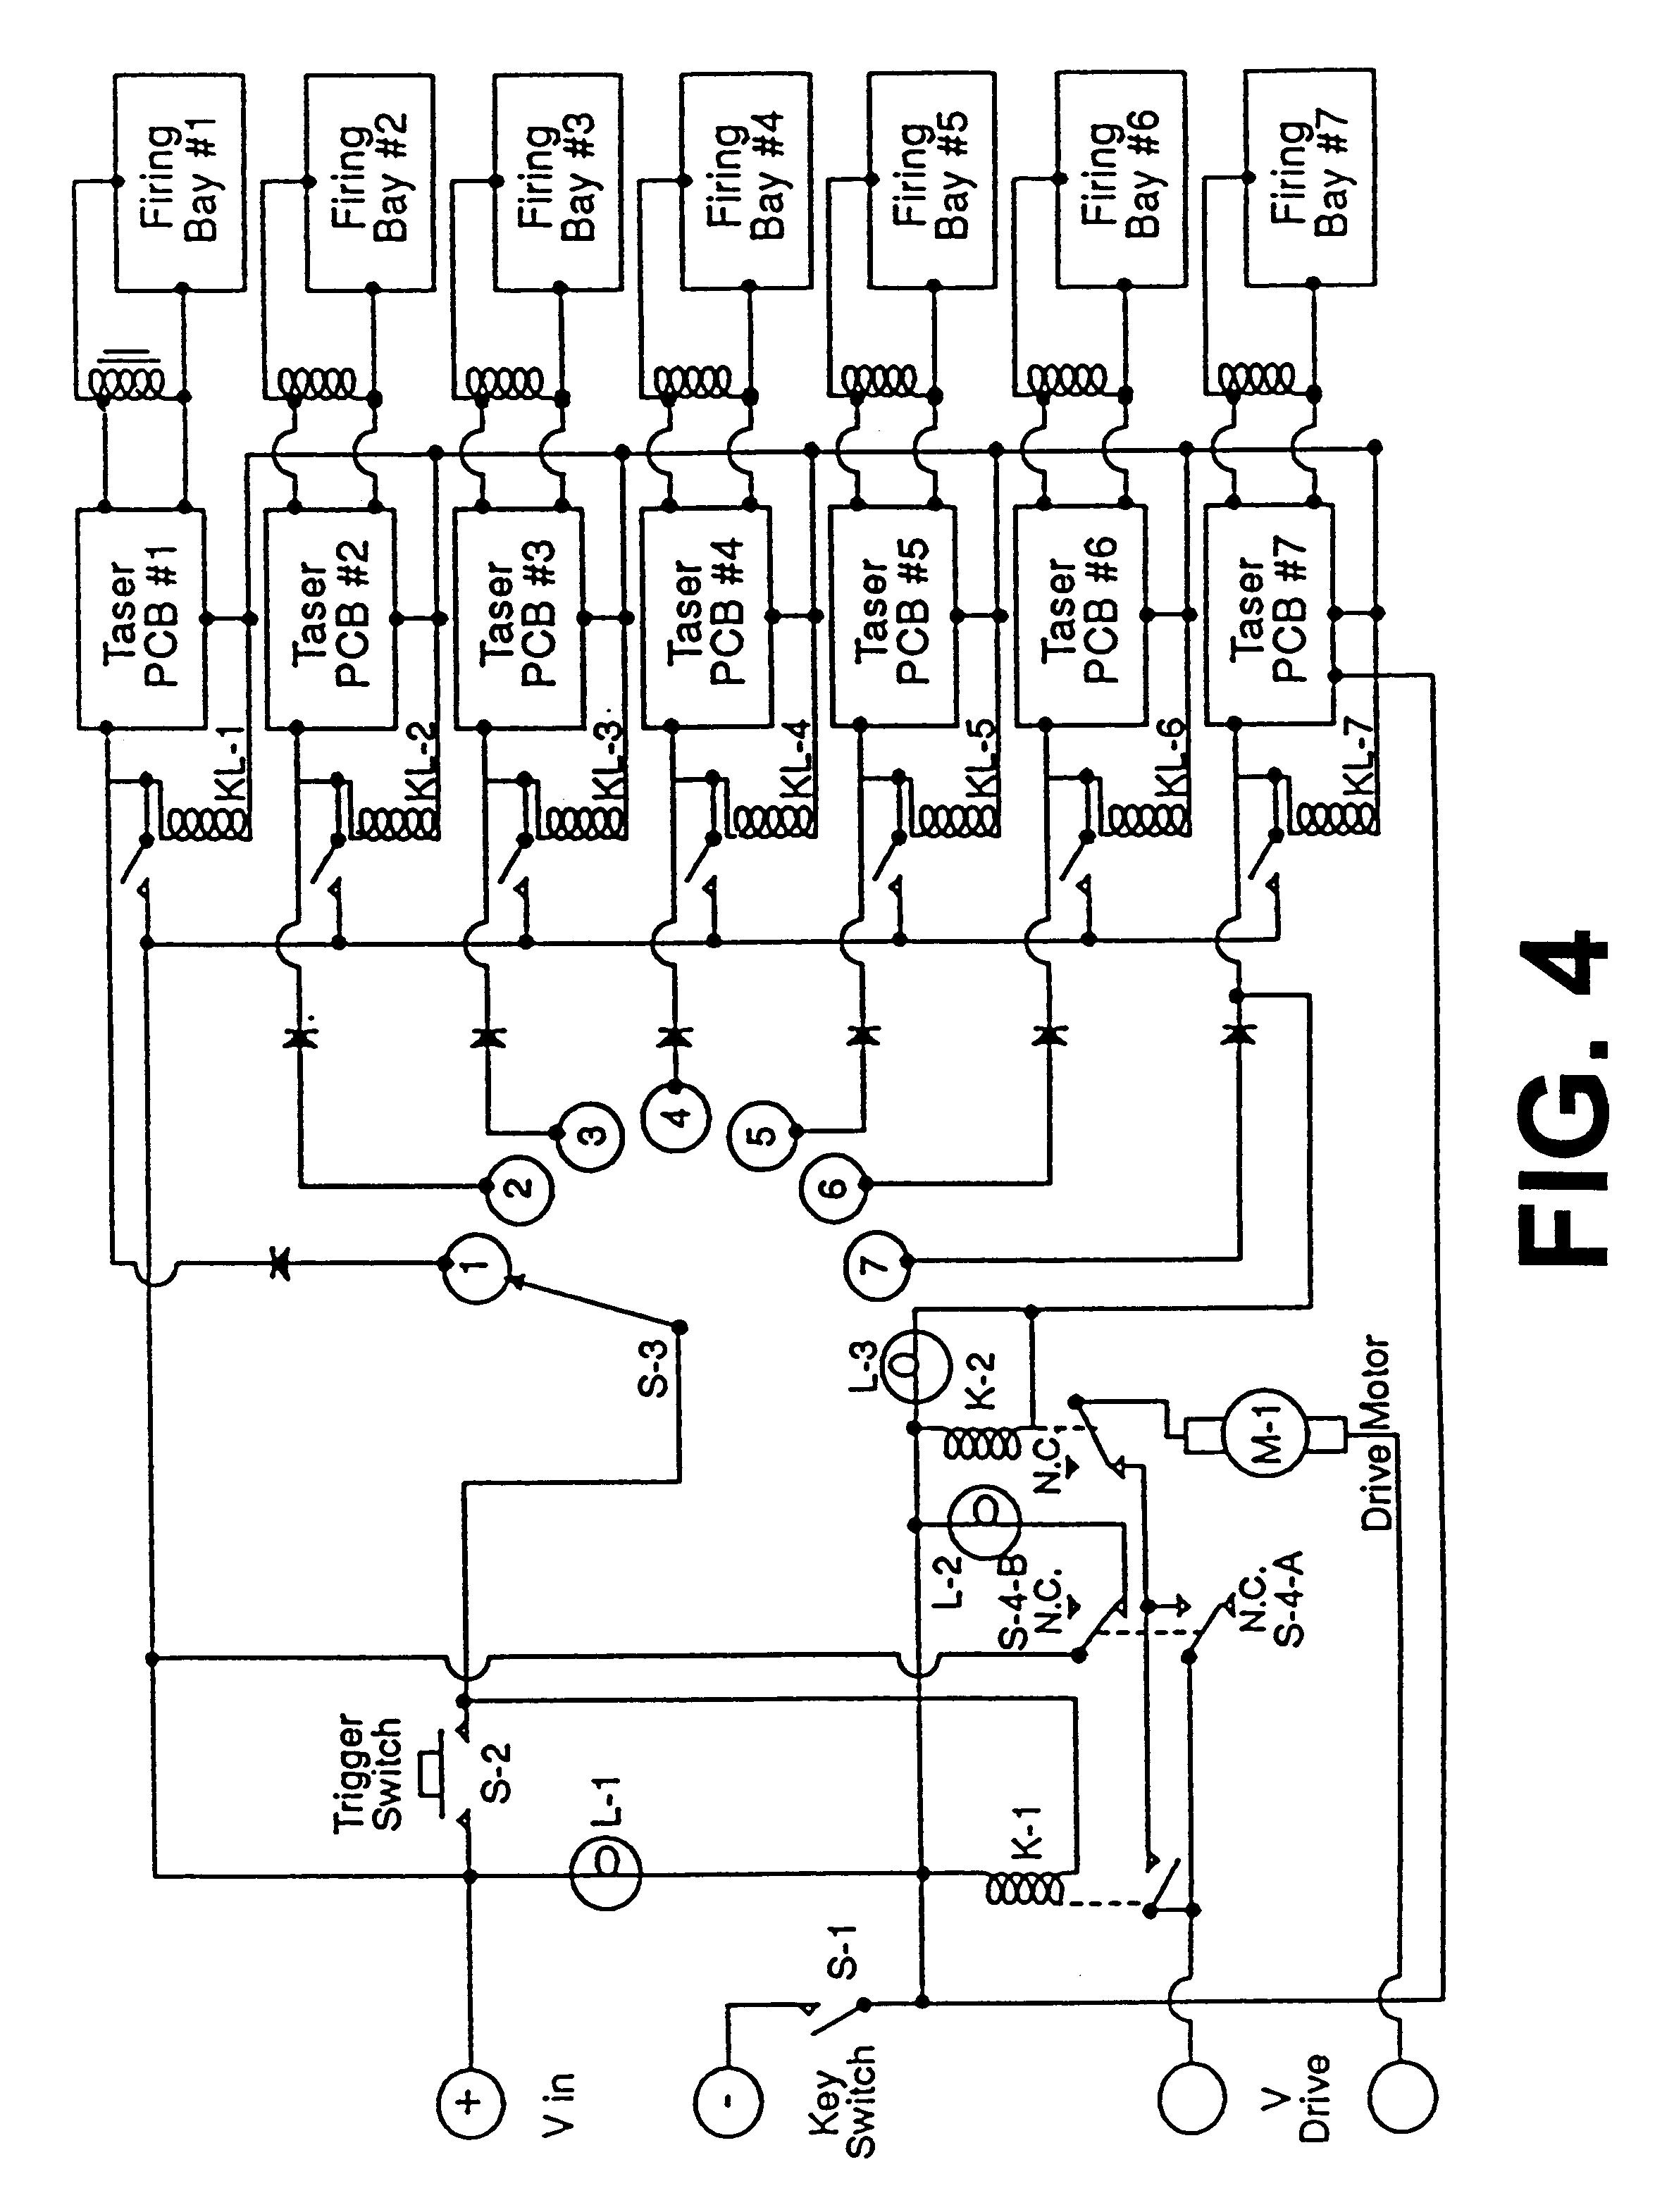 patent us6269726